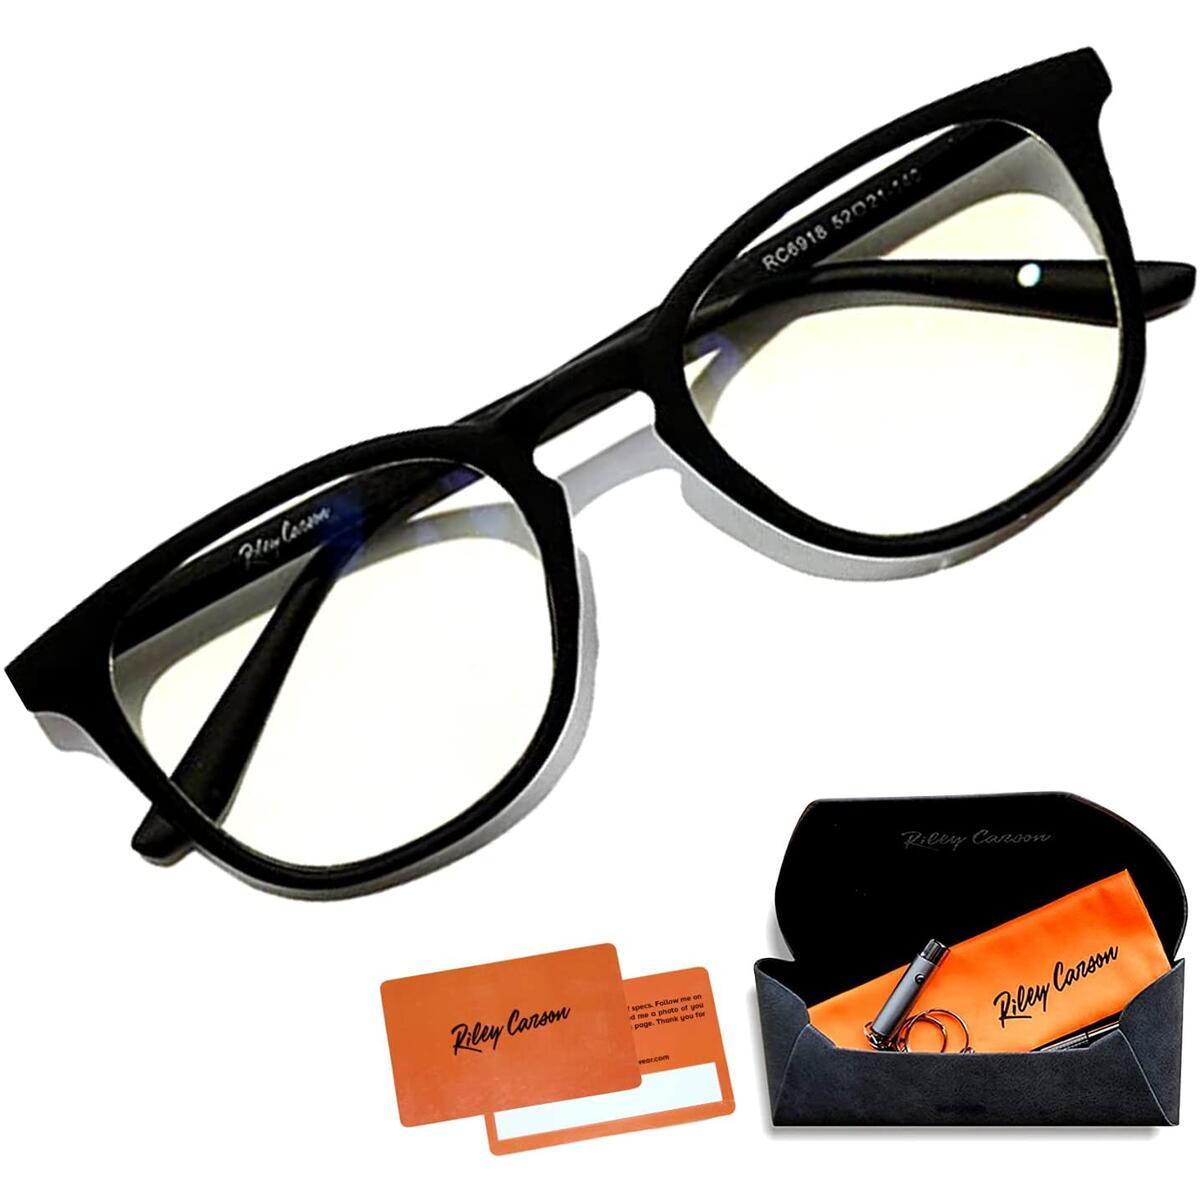 Riley Carson - Blue Light Blocking Glasses - Anti Eye Strain Blocker Blue Light Filter TR90 Eyewear Frame Glasses Computer Gaming Glasses